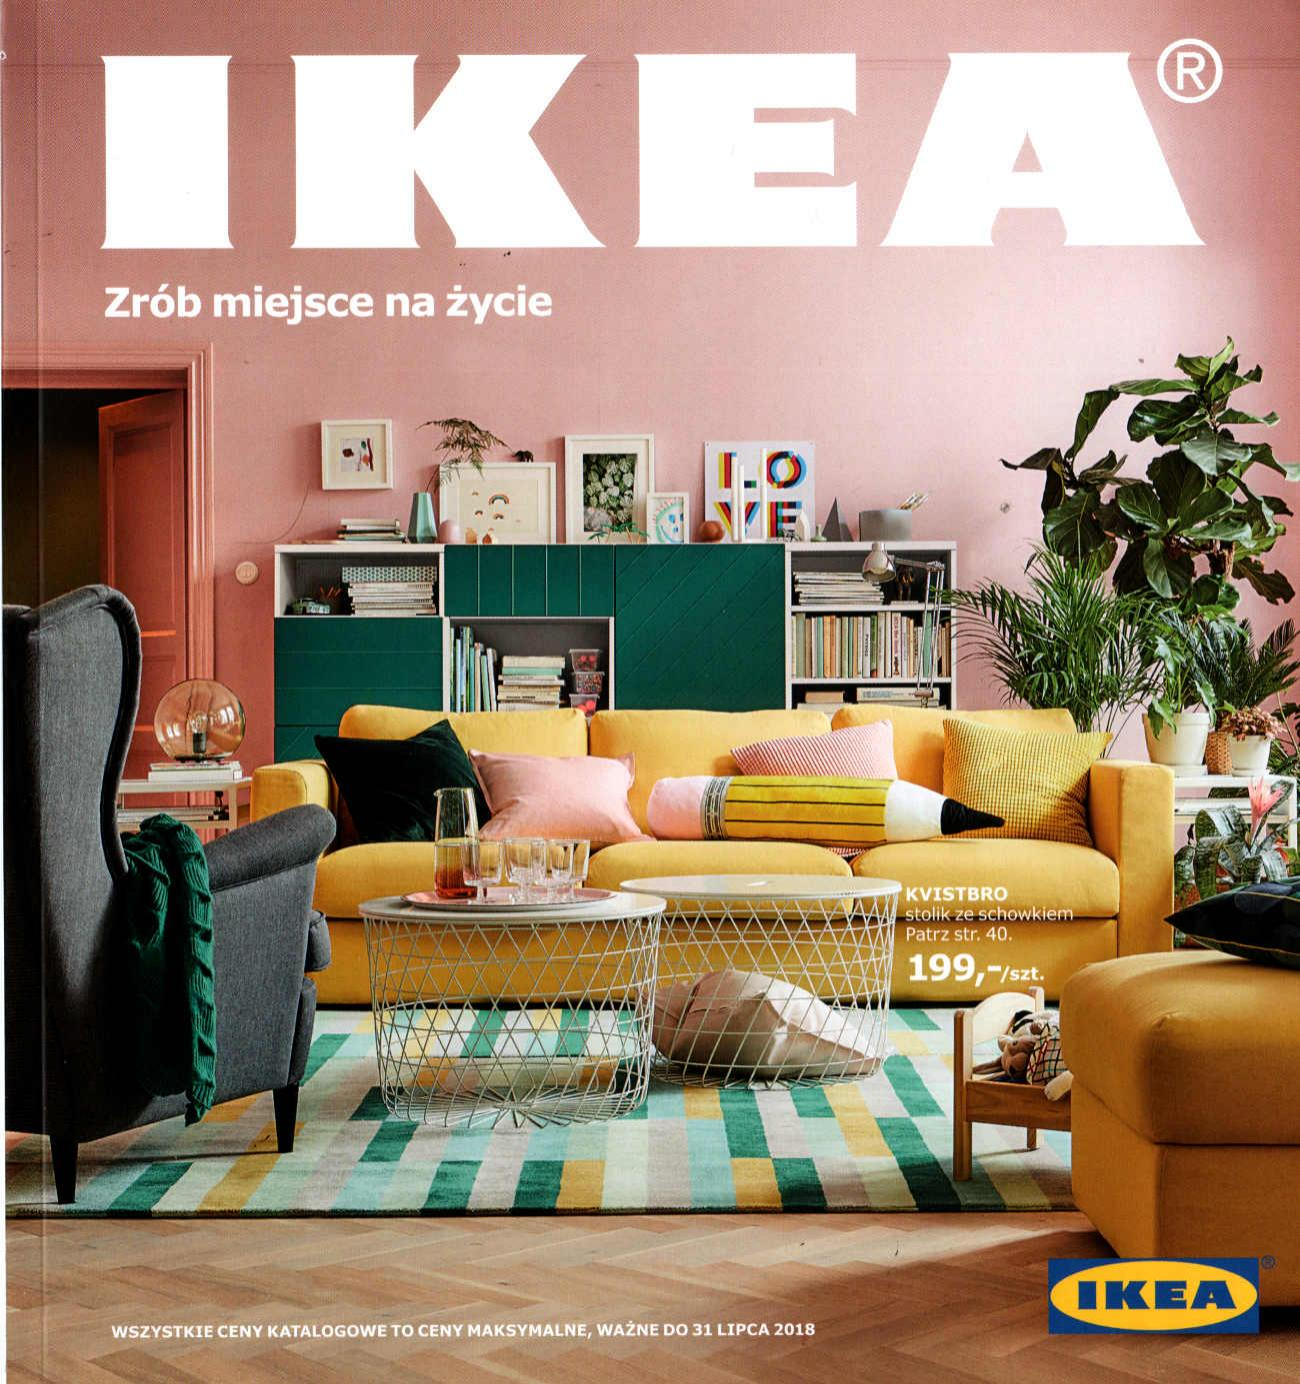 Ikea Katalog 2018 By Iulotkapl Issuu